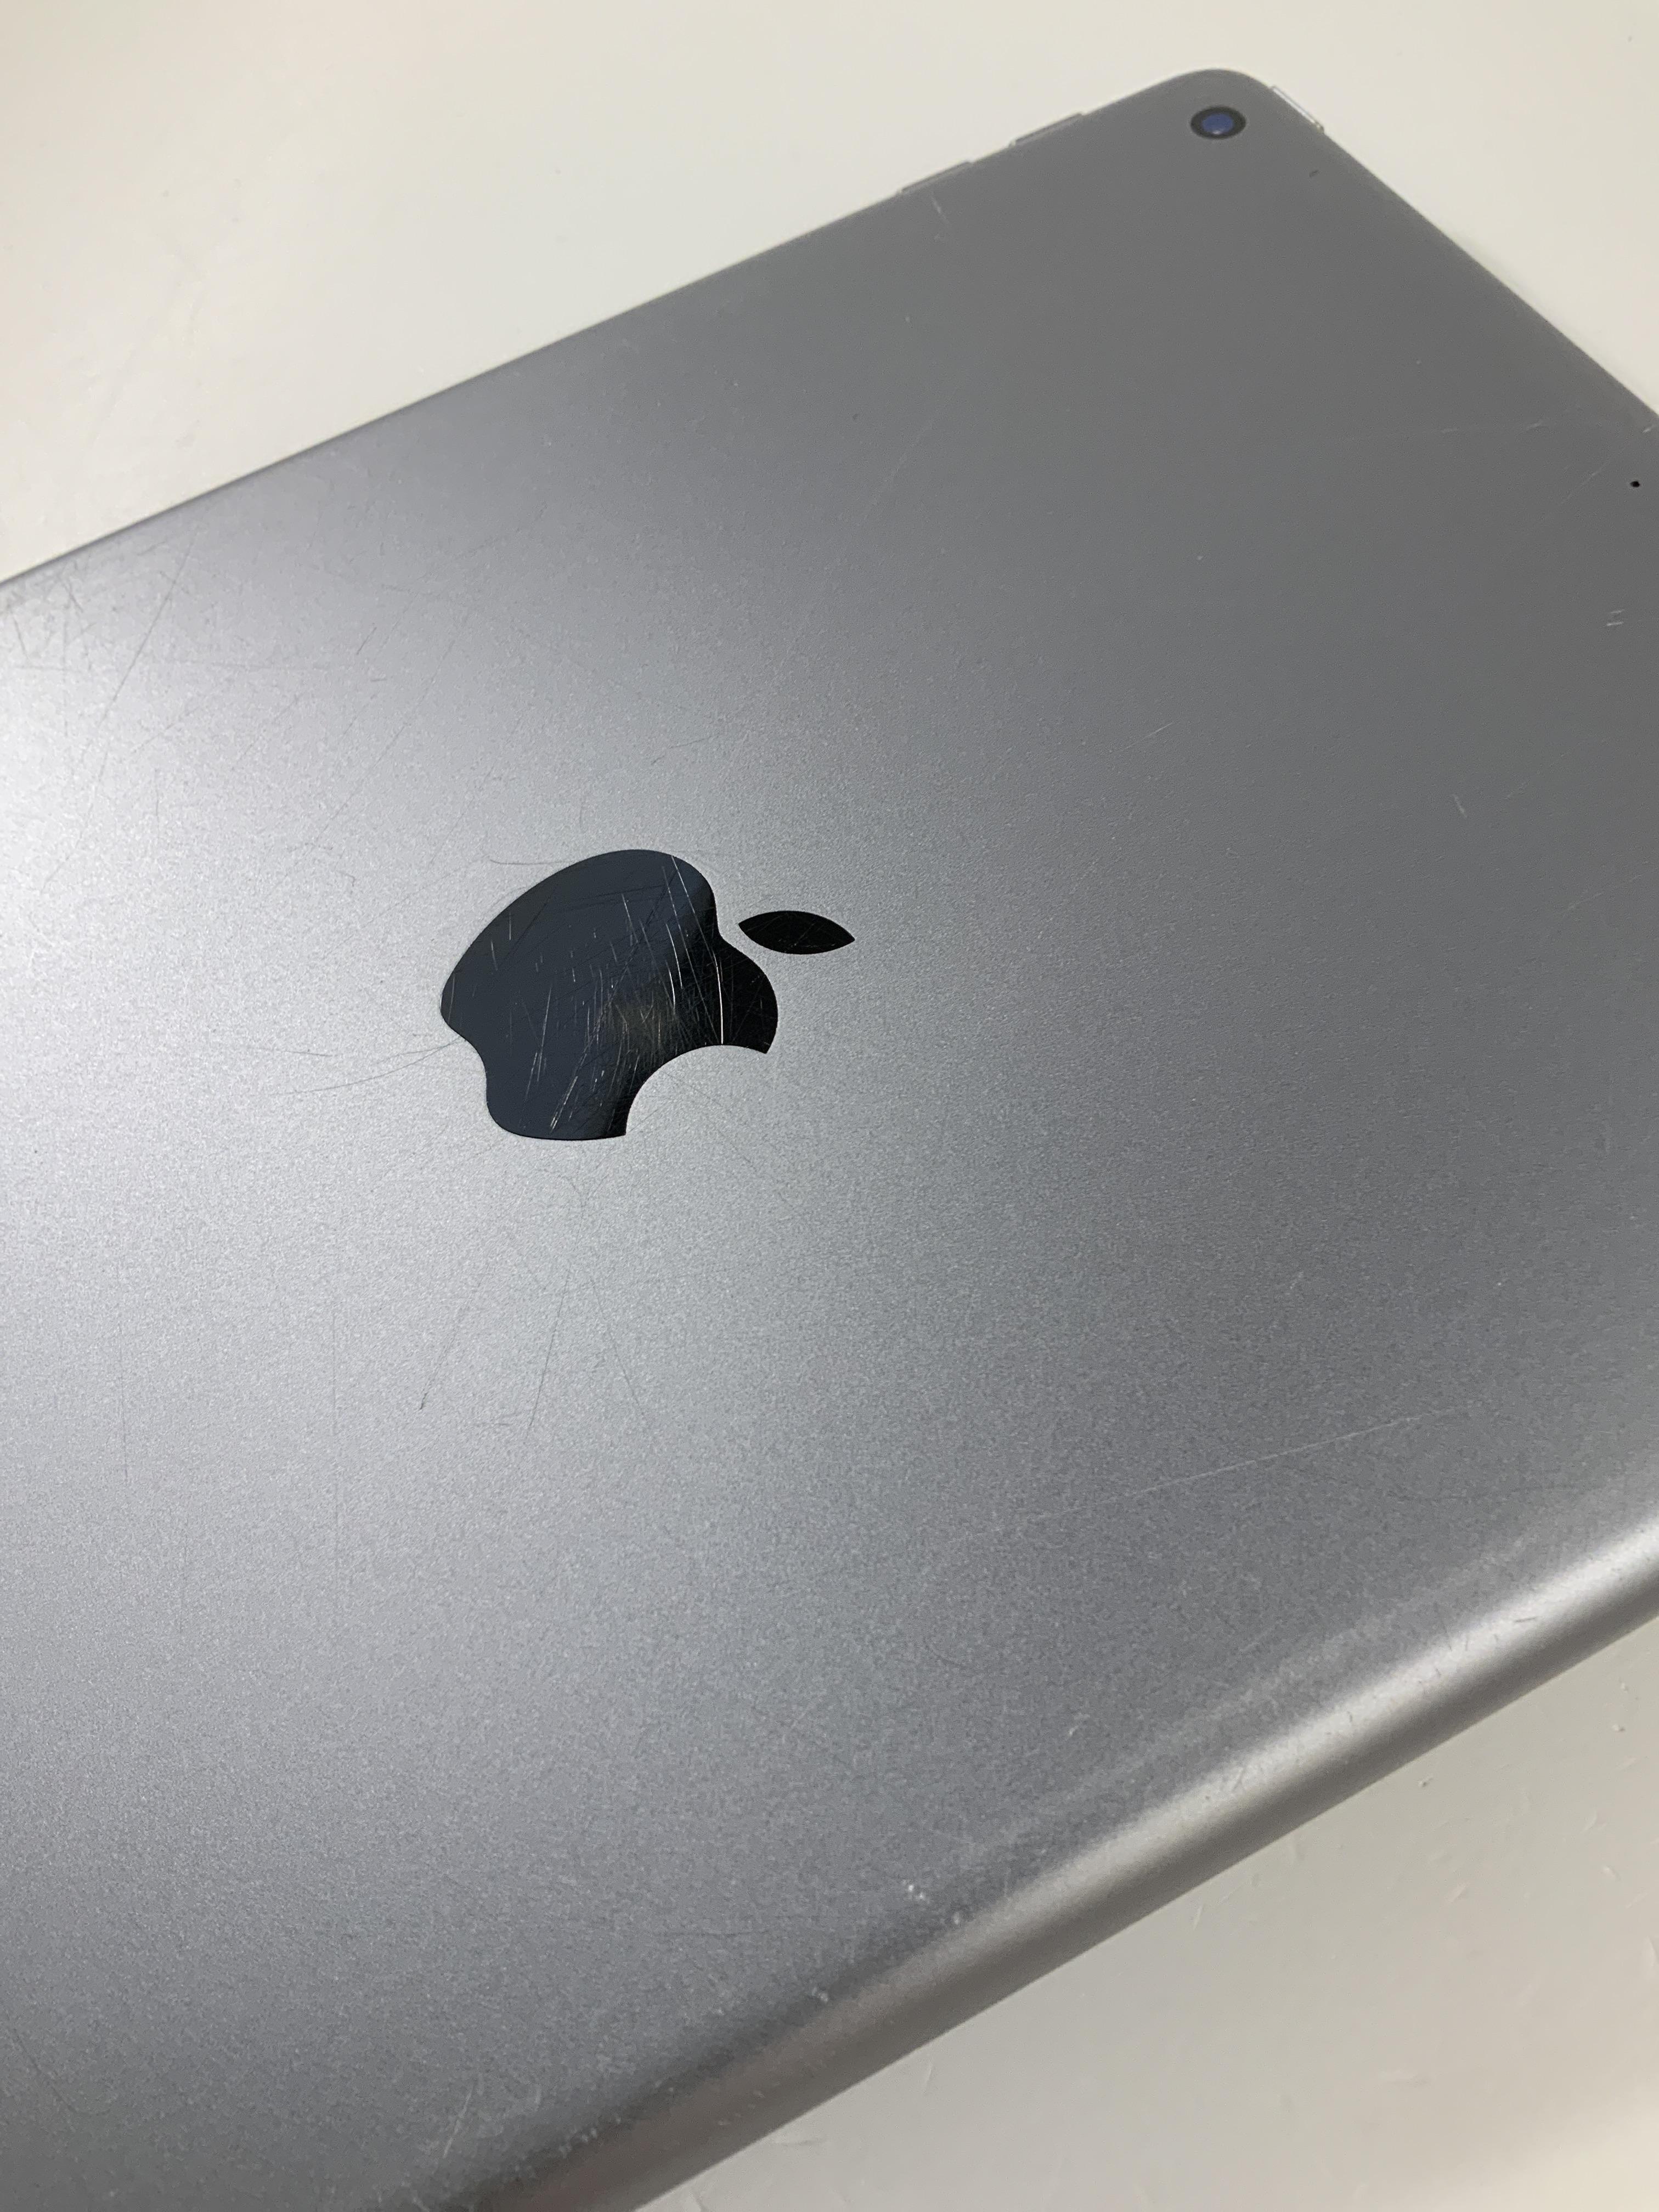 iPad 6 Wi-Fi 32GB, 32GB, Space Gray, image 4